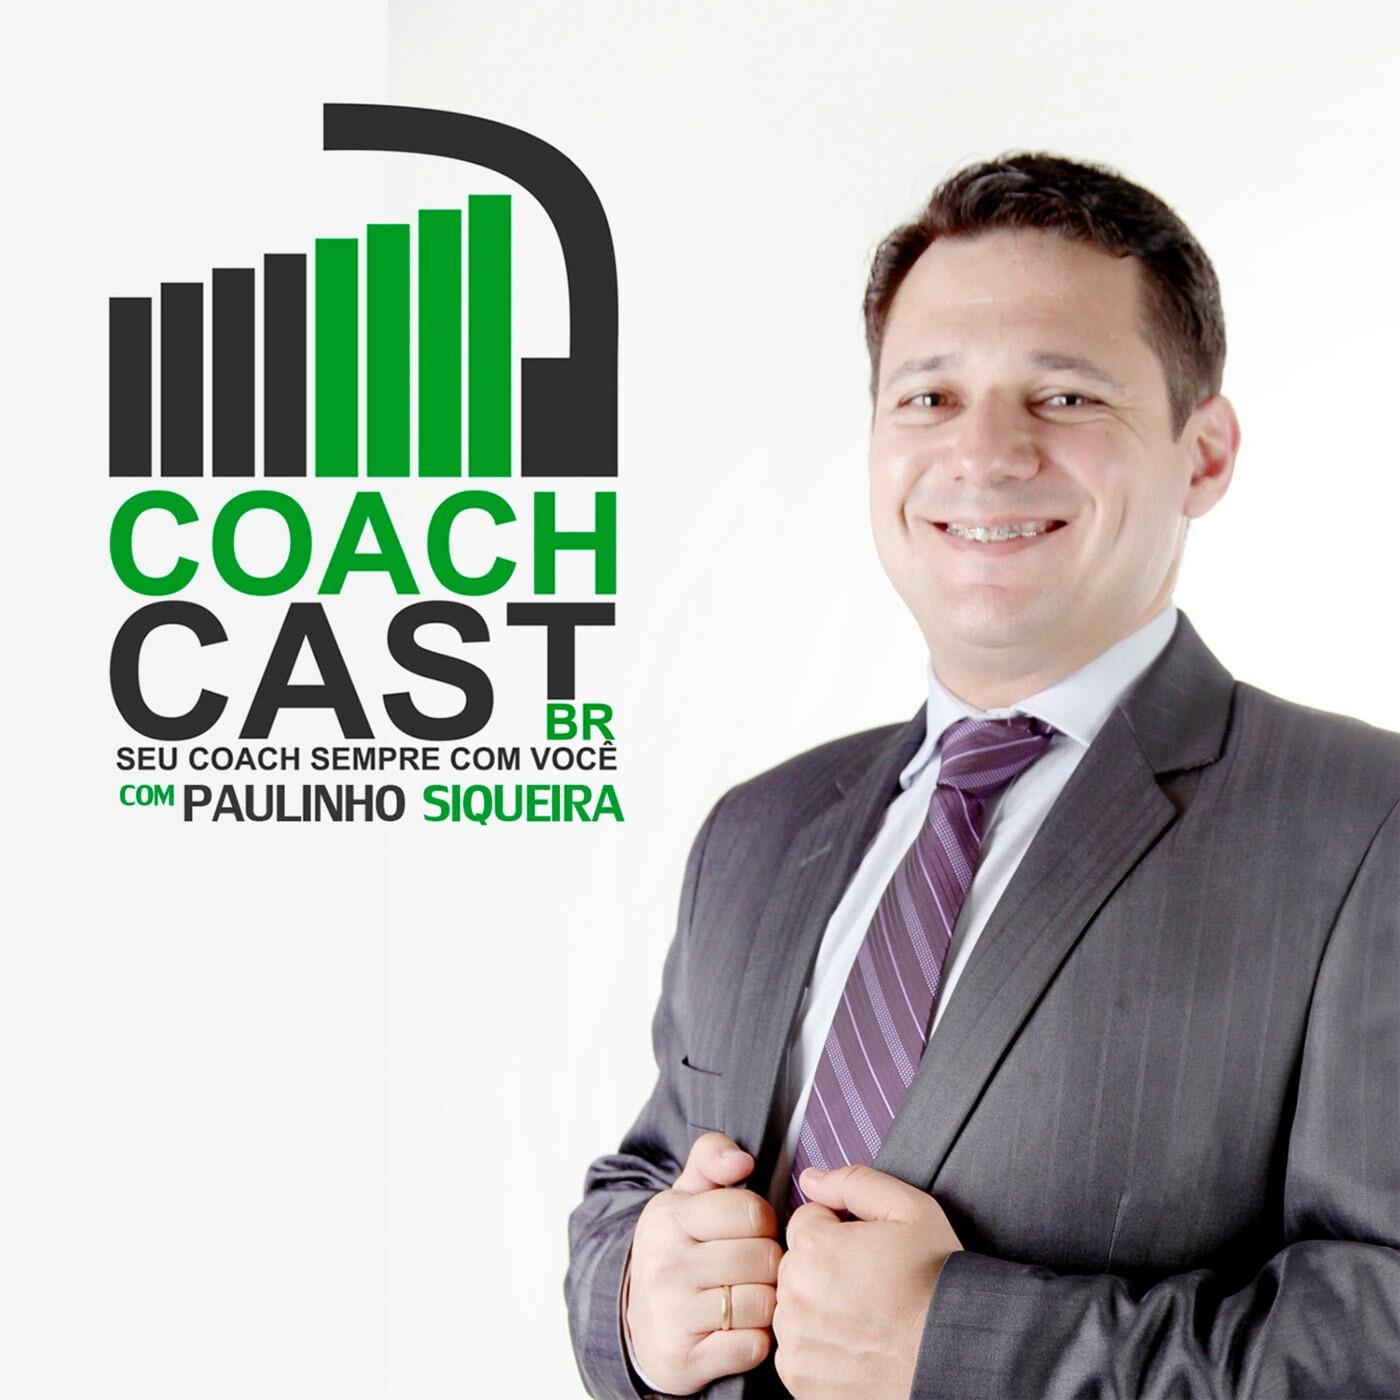 Coachcast #1201 – Como desenvolver a inteligência Social